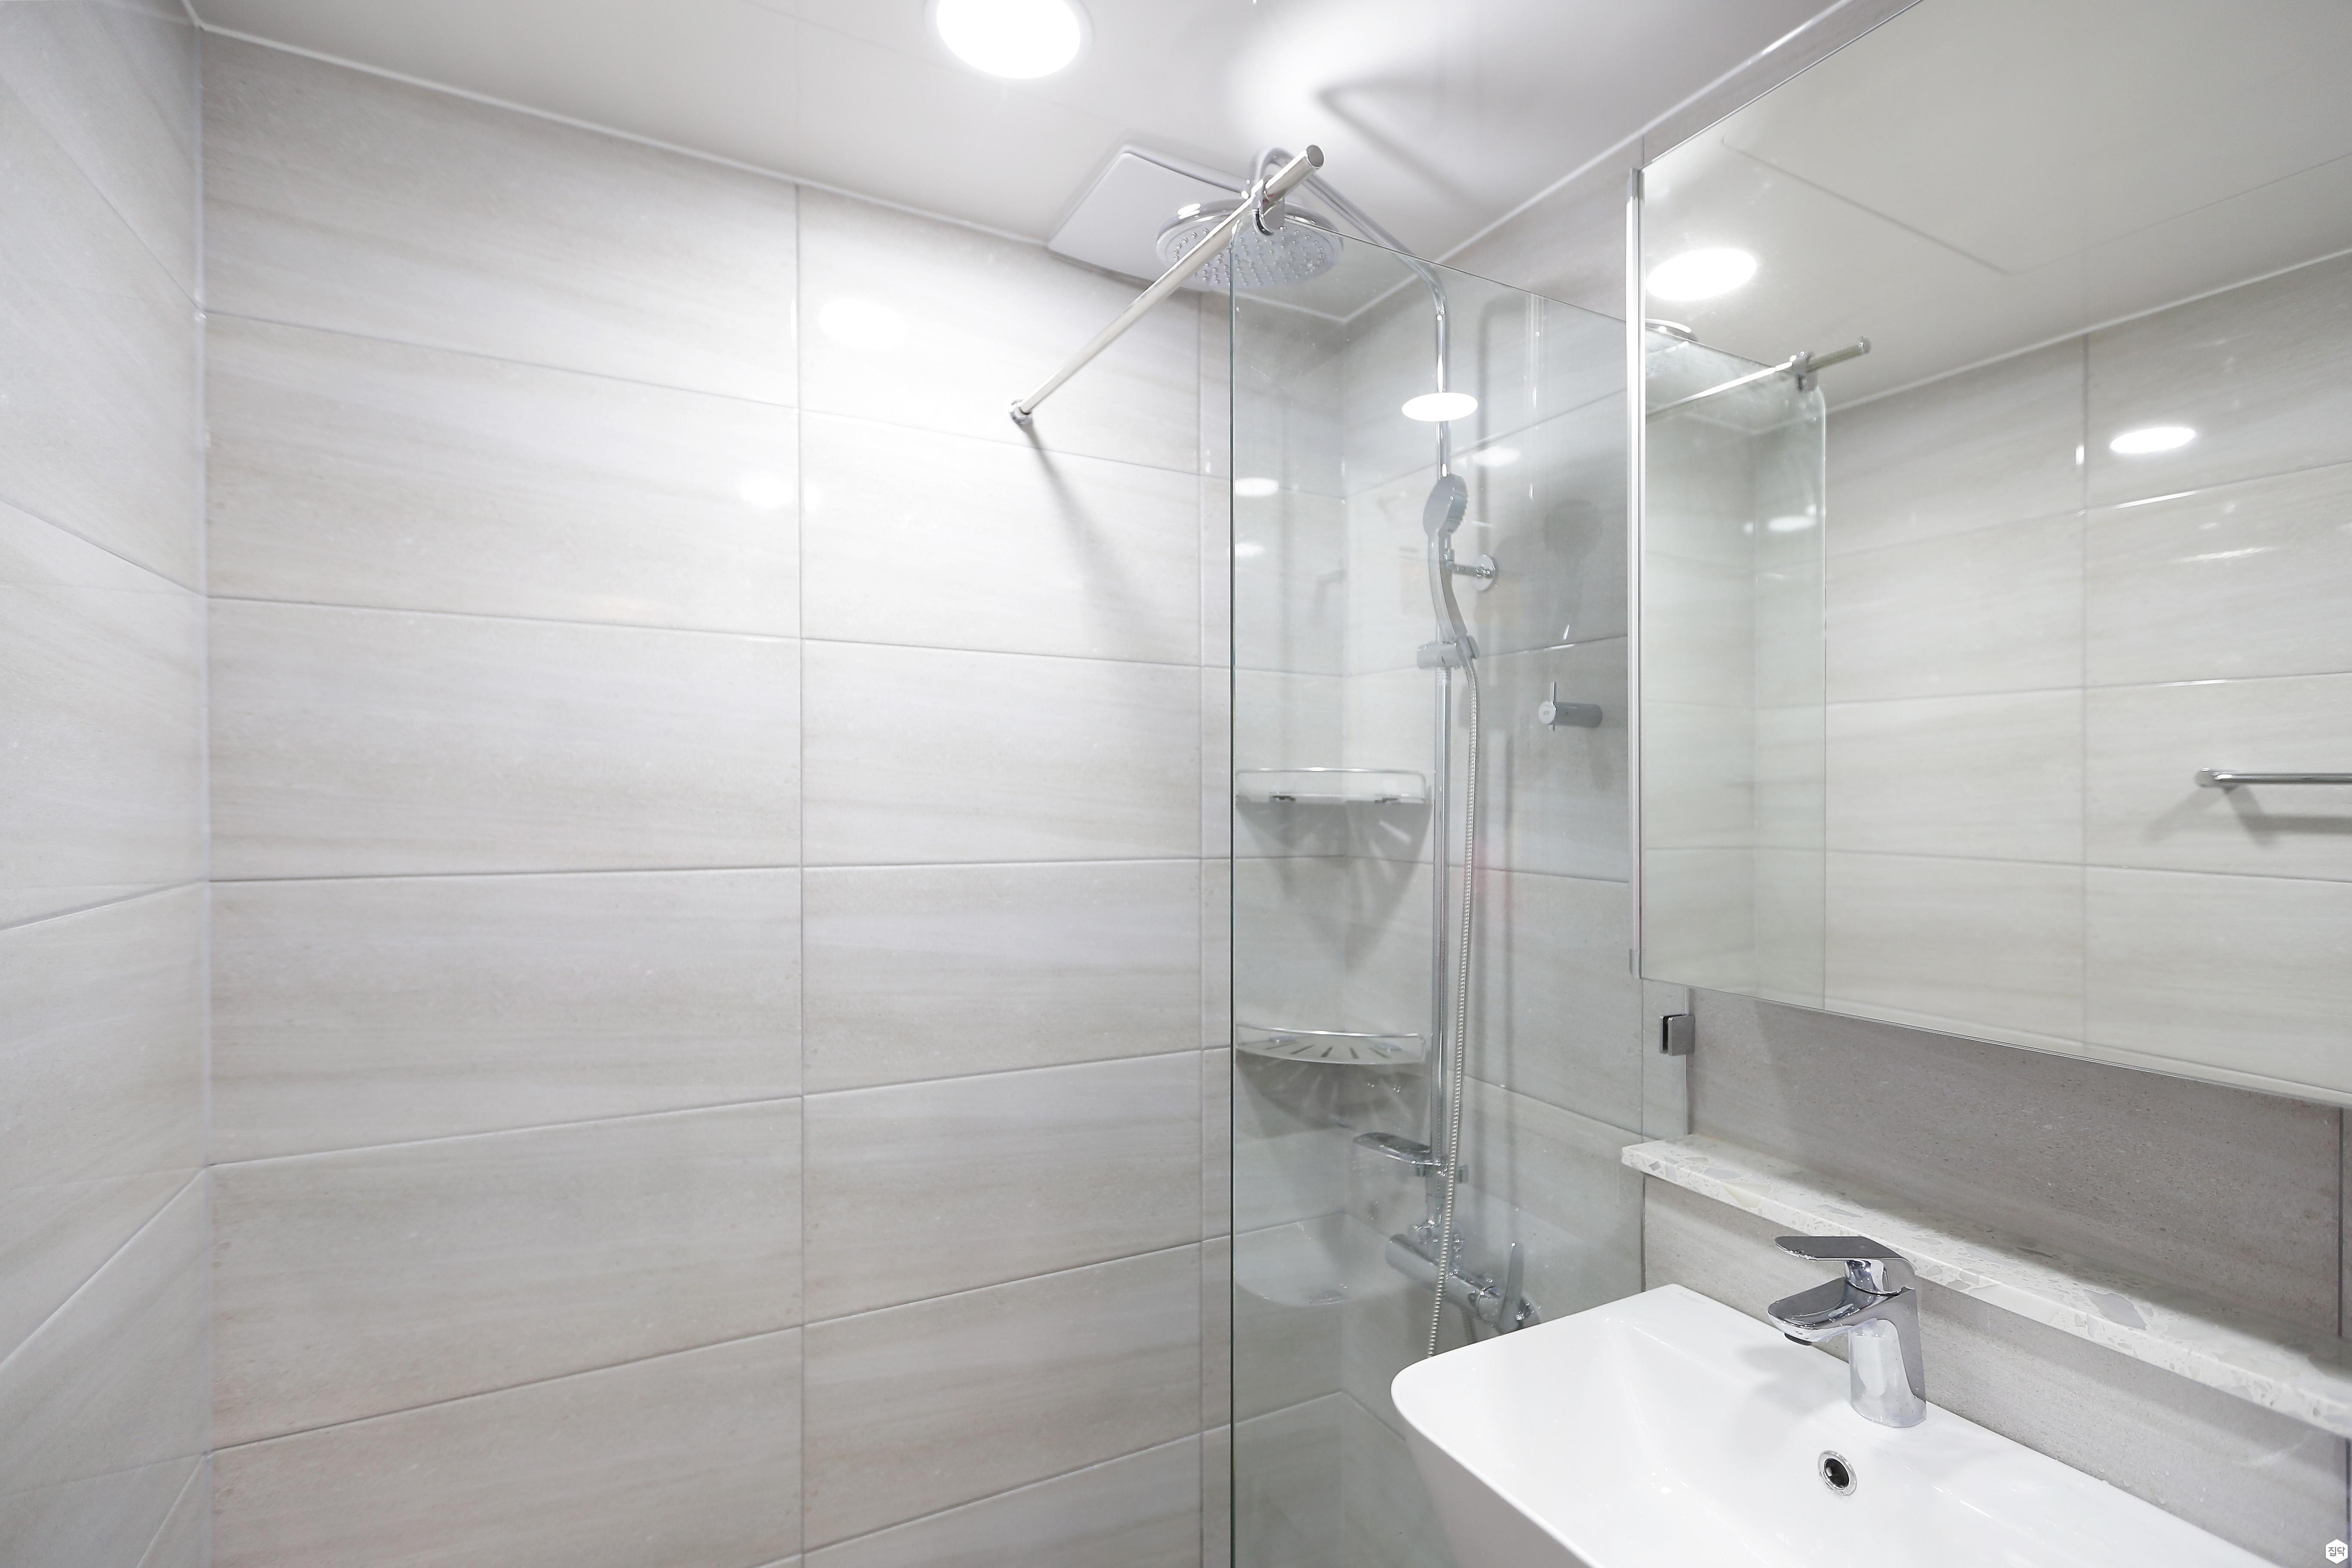 유리파티션,세면대,파티션,코너선반,샤워기,다운라이트조명,욕실타일,욕실,화장실